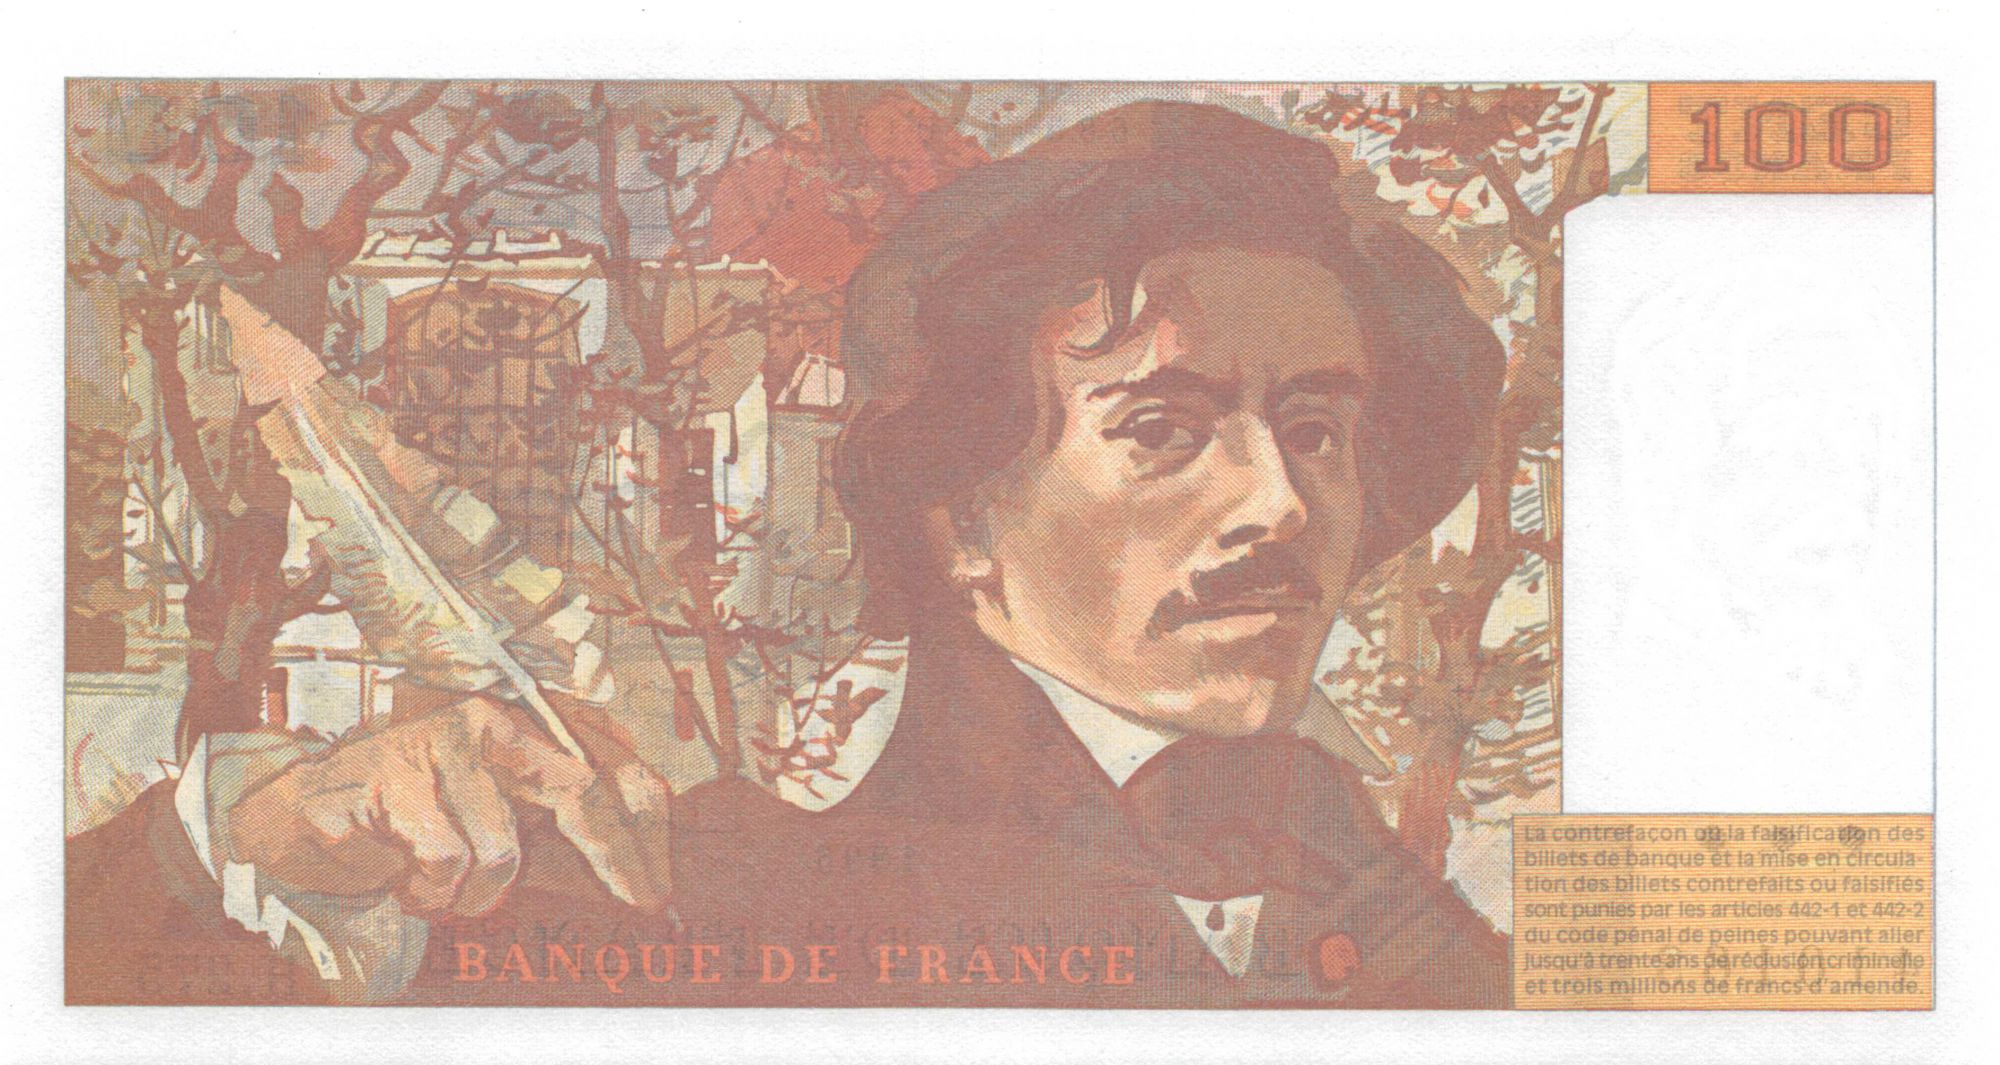 France 100 Francs Delacroix - 1995 Série H.275 - NEUF